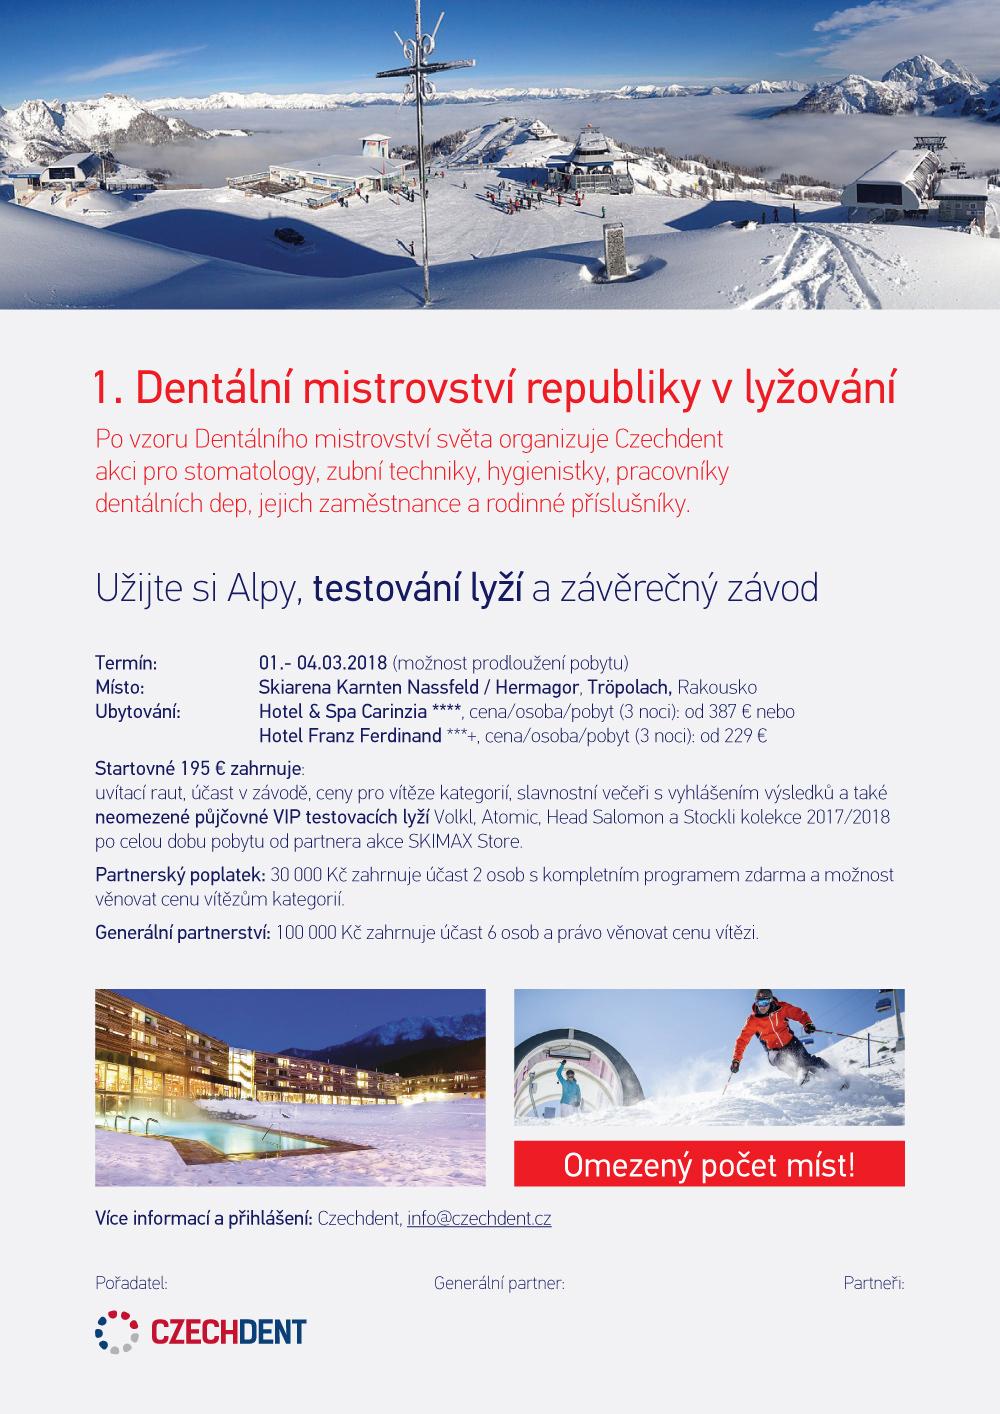 Dentální mistrovství republiky v lyžování